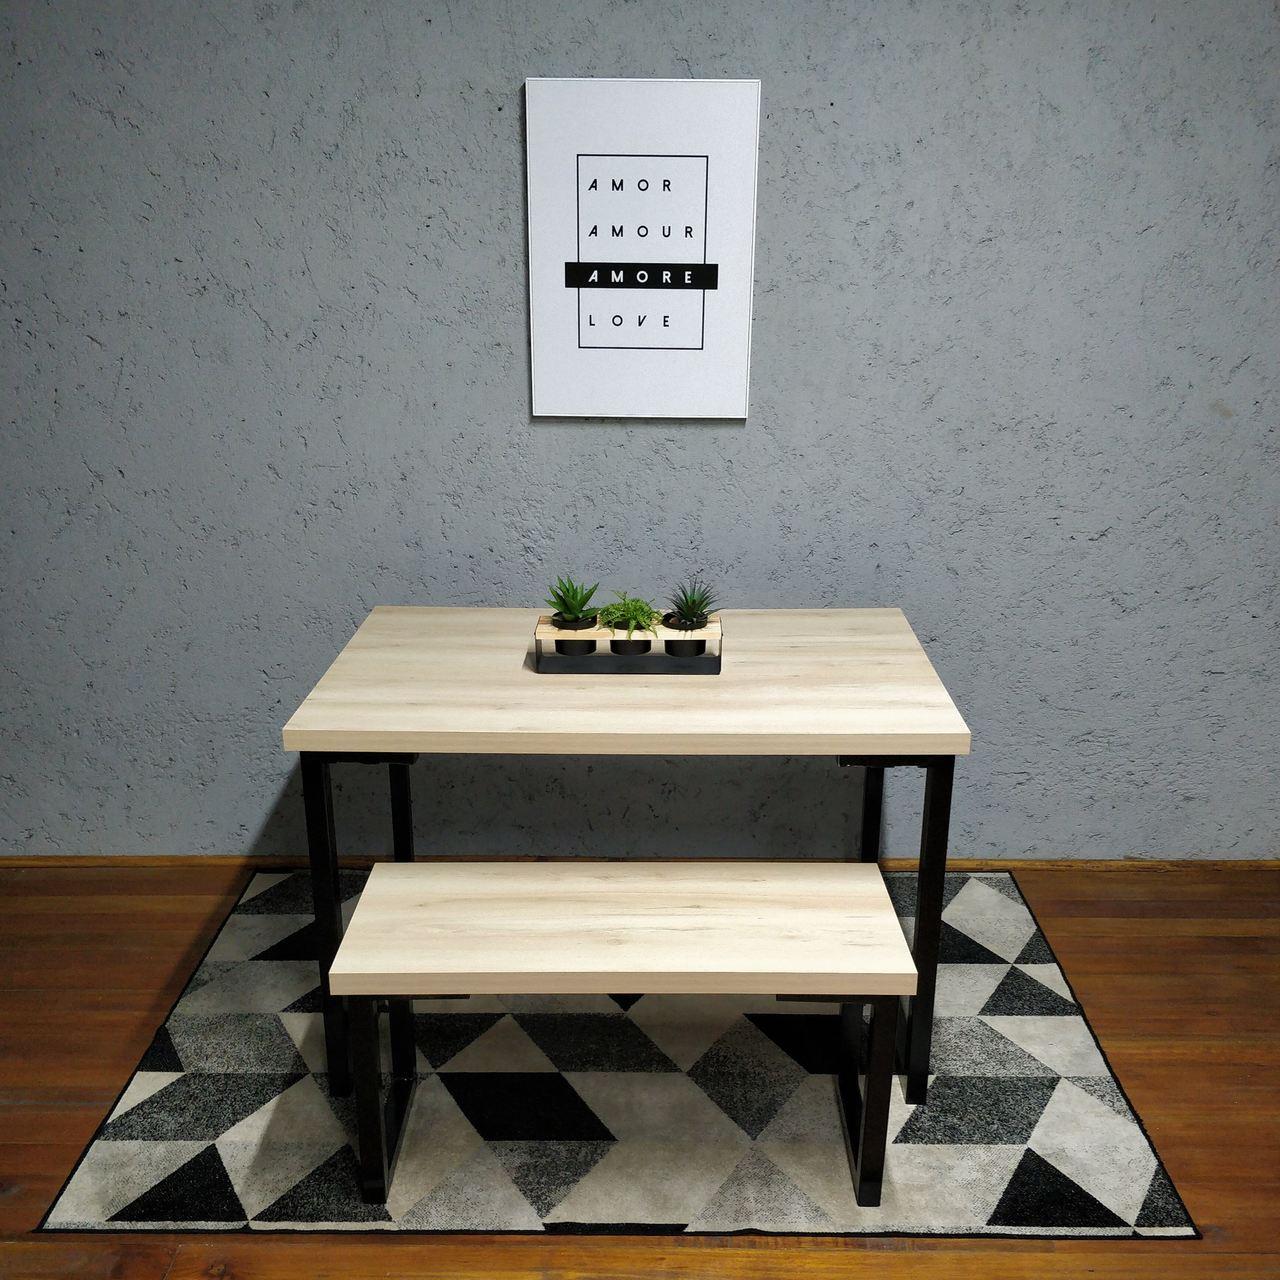 Mesa de Jantar e Banco Faia com Squared Legs e Tampo 100% MDF  - Mtne Store